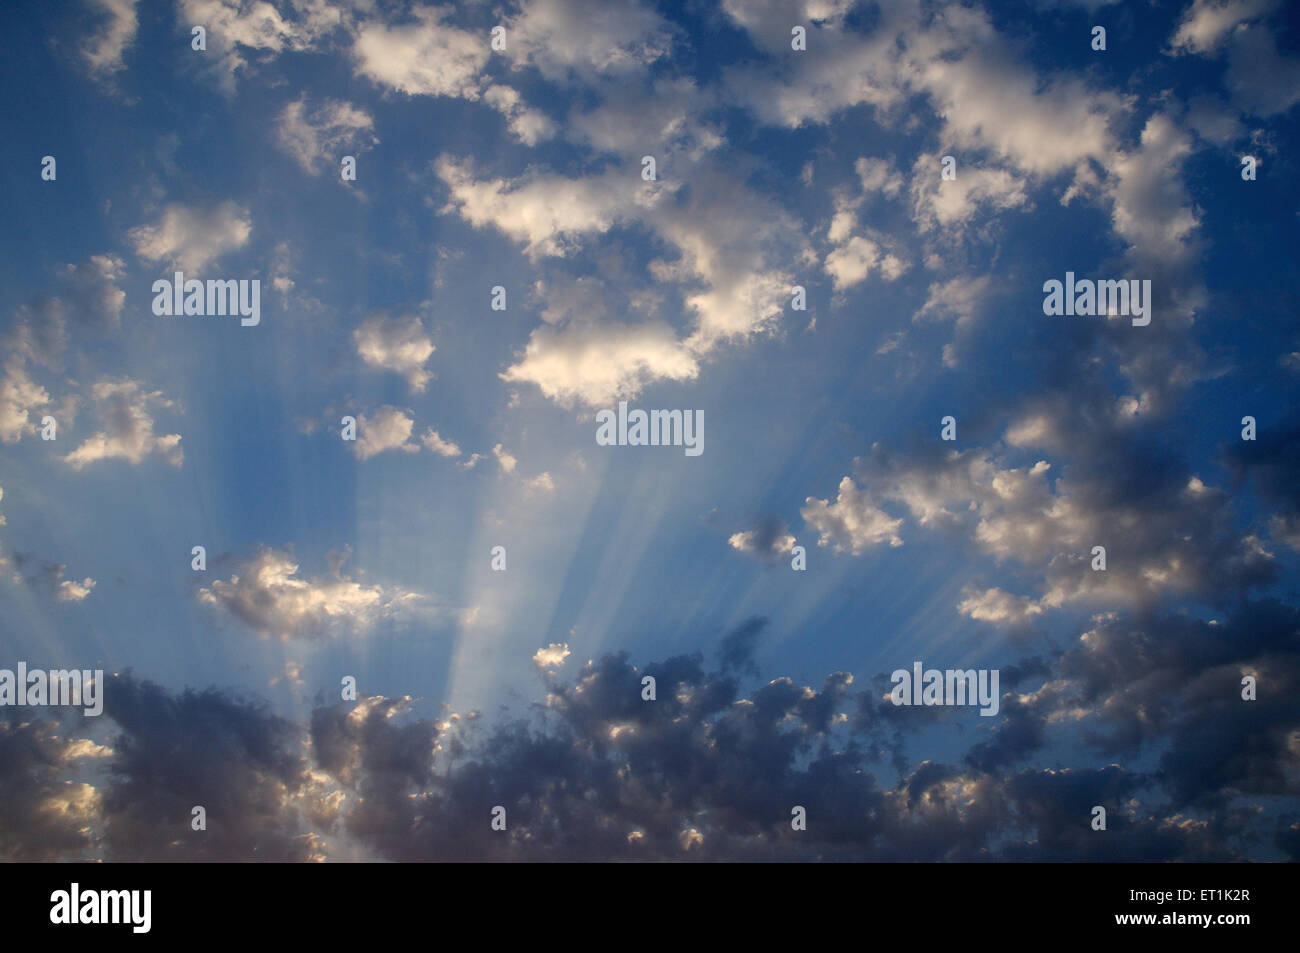 Naturphänomen der Wolkenbildung und Sonnenstrahlen; Pune; Maharashtra; Indien 19. April 2010 Stockbild